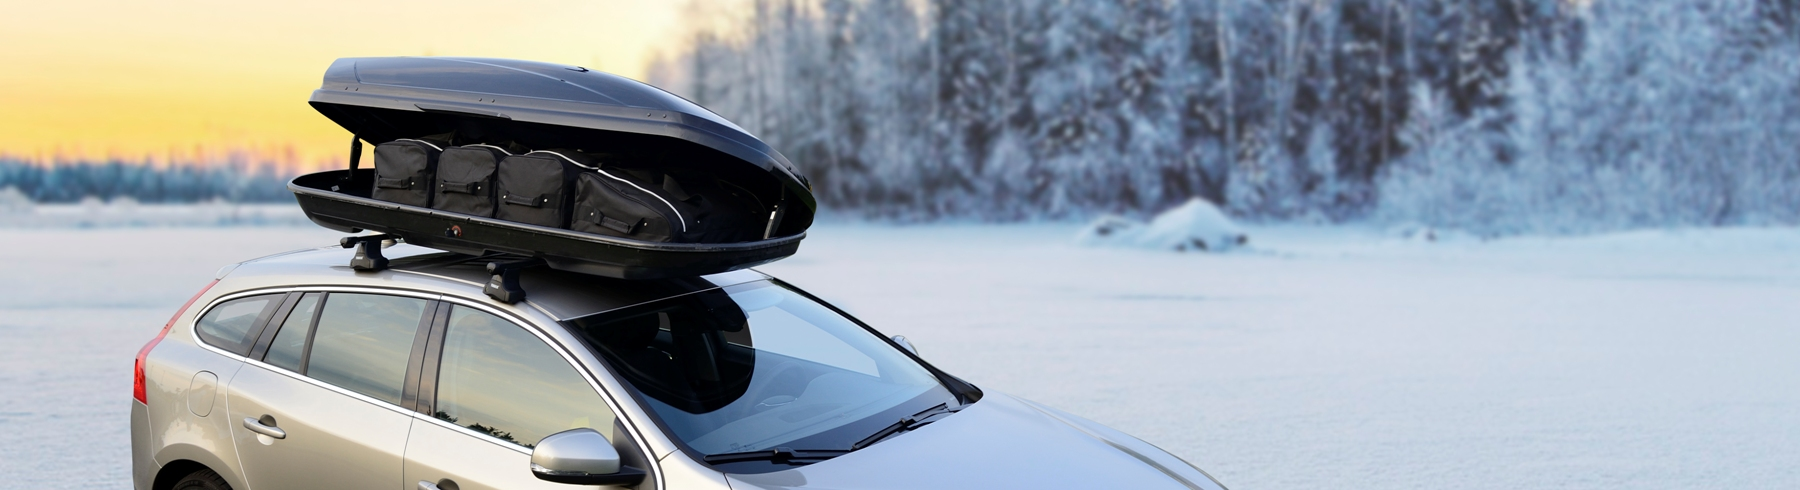 car-bags-roof-box-bags-winter